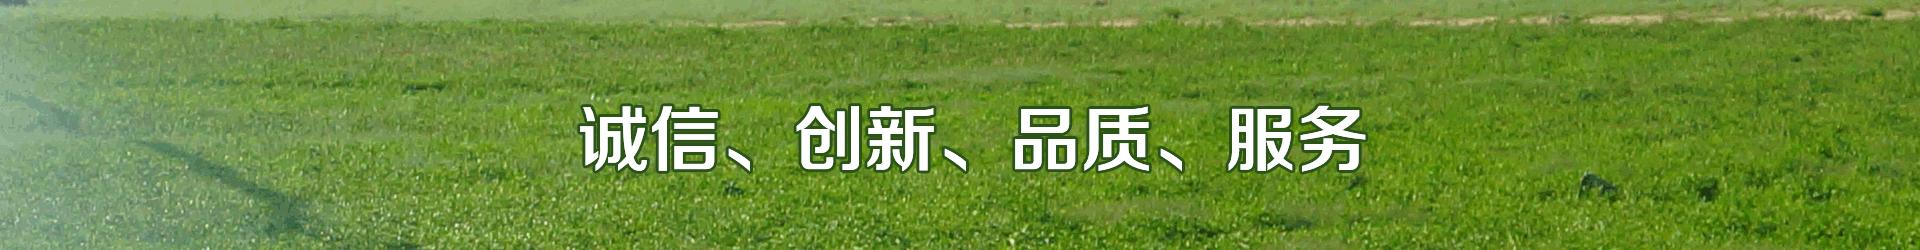 智能灌溉系统